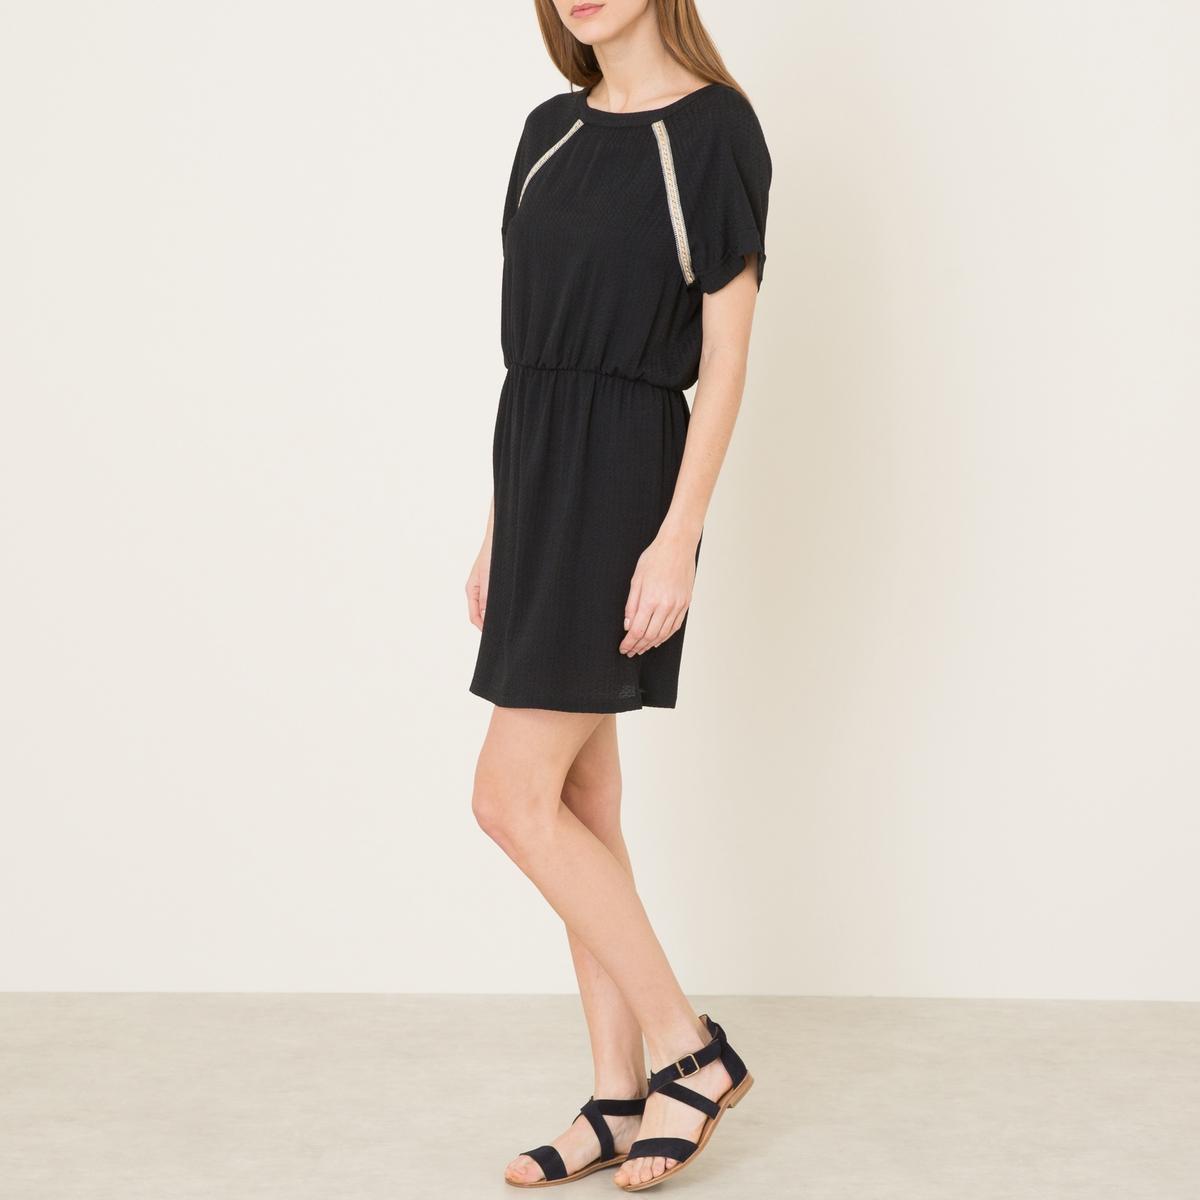 Платье ANNIE CHRISTIANСостав и описание    Материал : 71% вискозы, 29% полиэстера   Марка : SESSUN<br><br>Цвет: черный